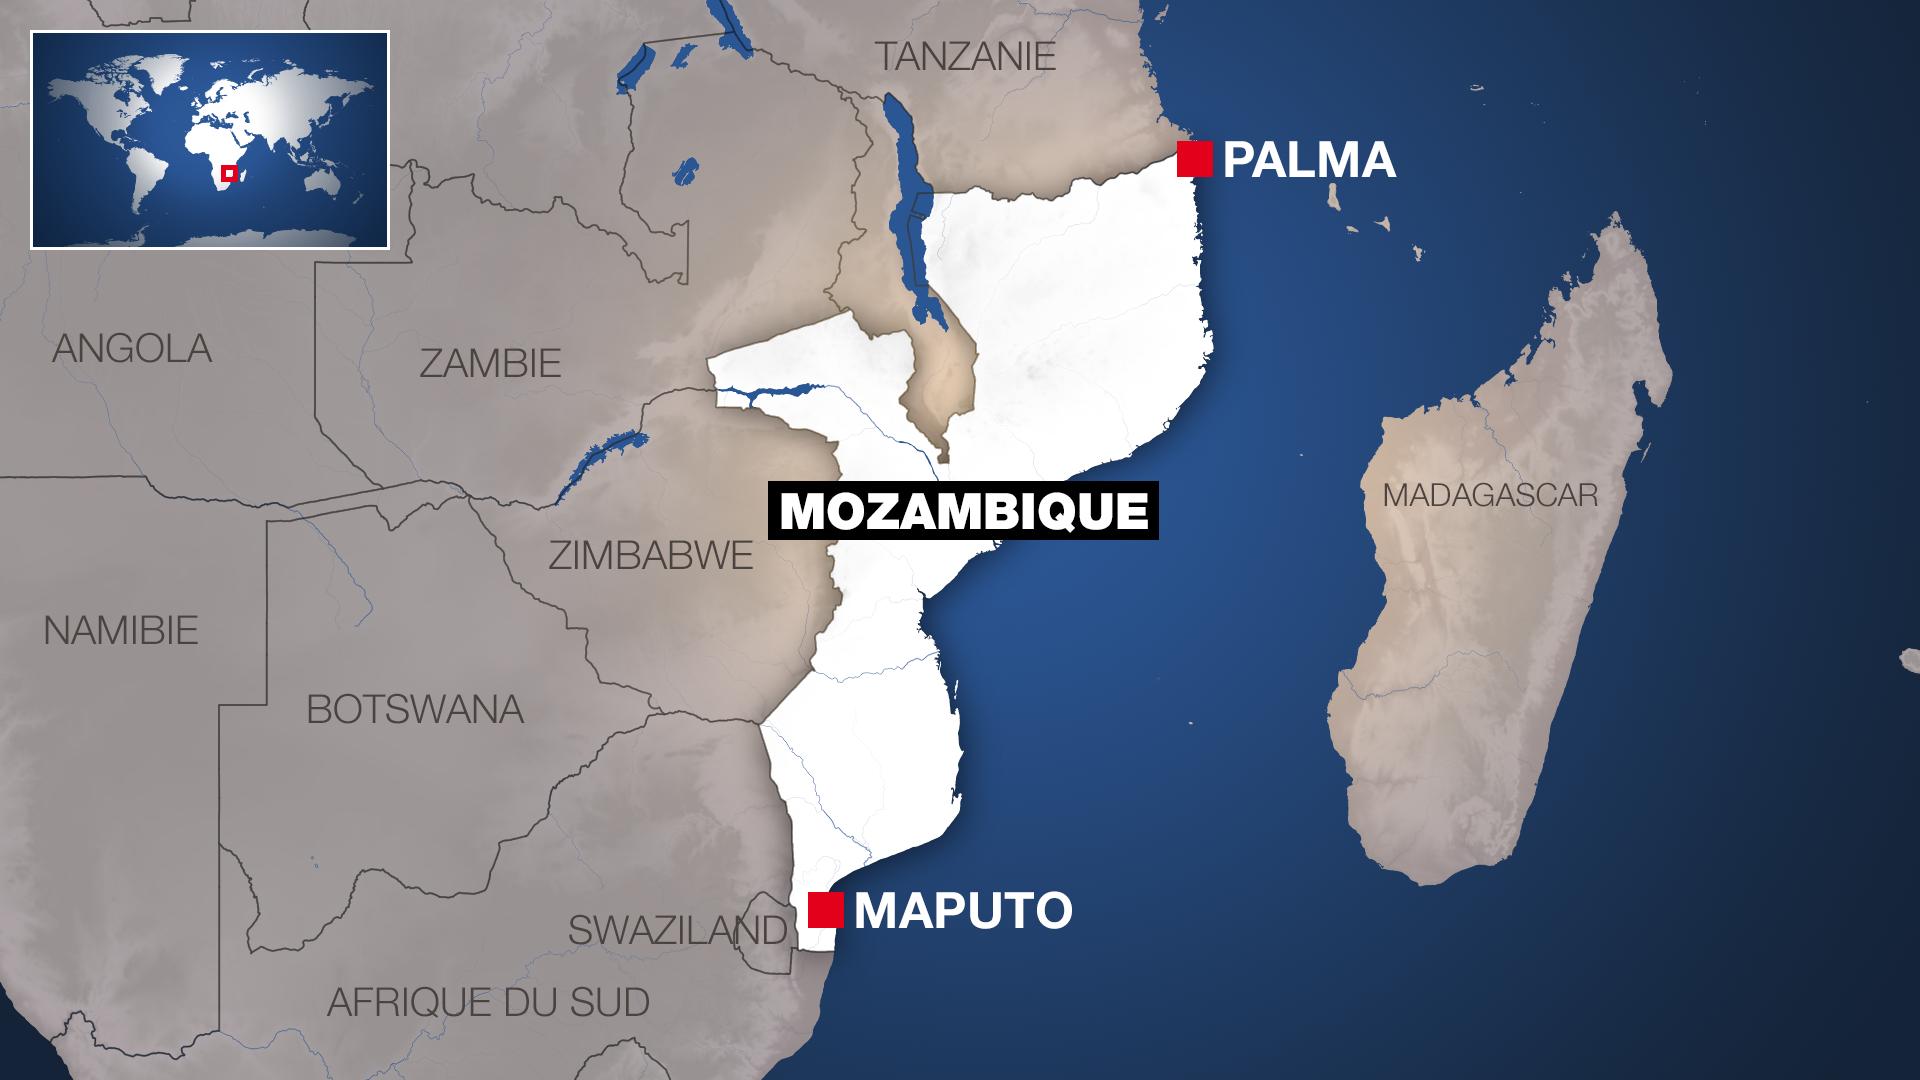 Mozambique - Palma - Carte